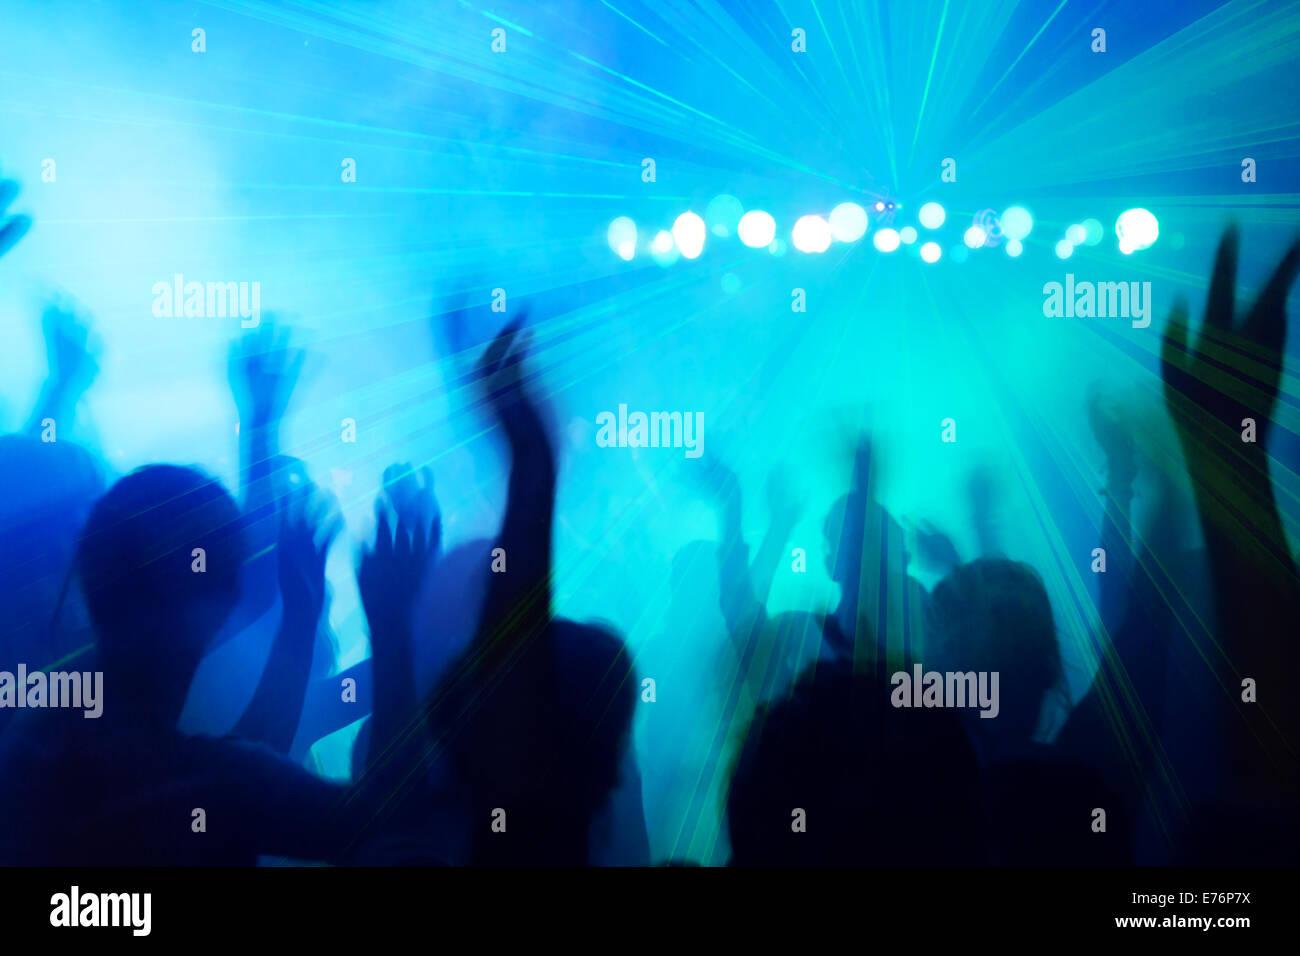 Menschen-Silhouetten in der Disco tanzen zu schlagen. Stockbild